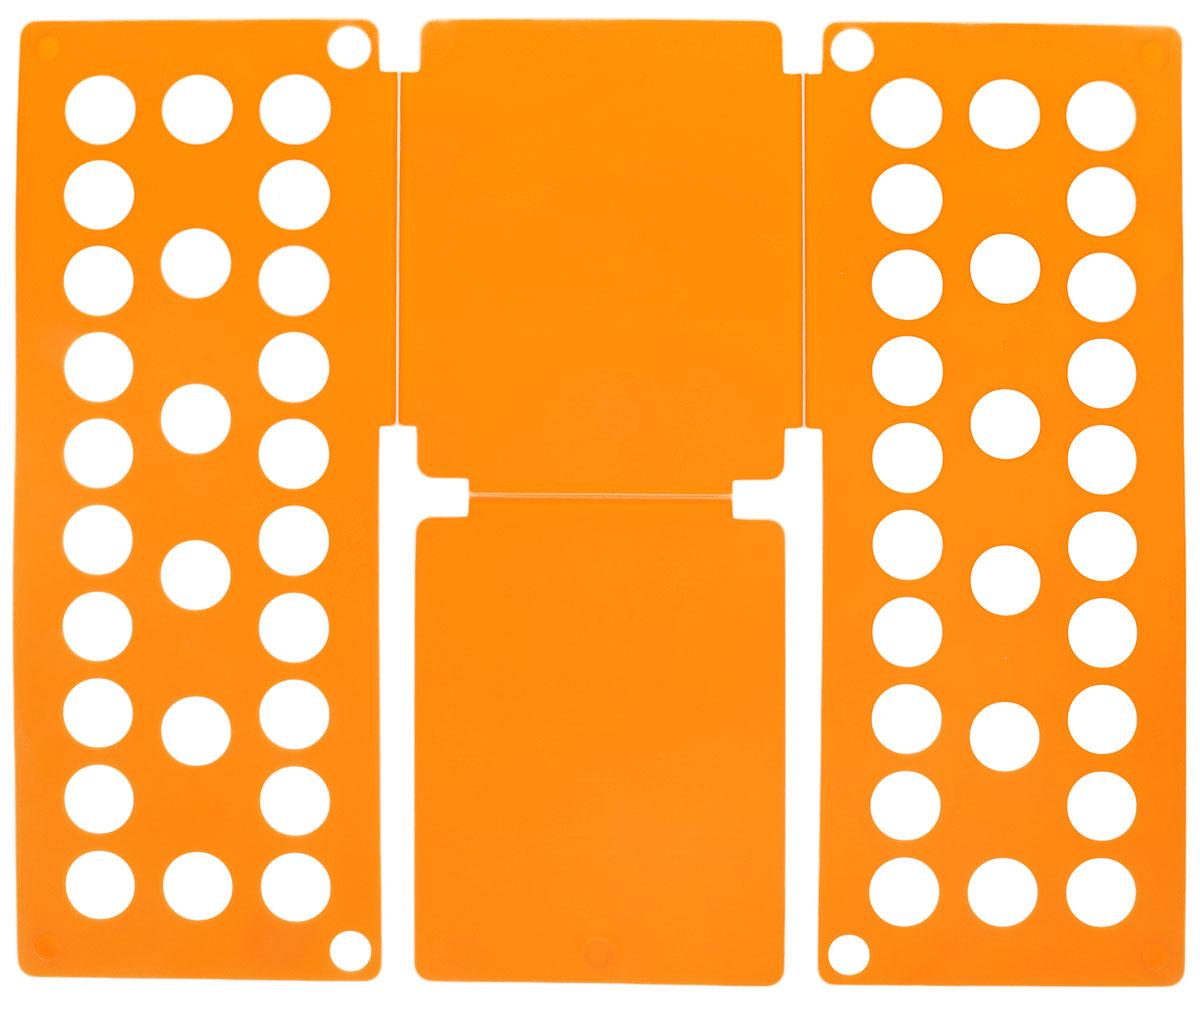 Приспособление для складывания одежды Sima-land, цвет: оранжевый1411846_оранжевыйПриспособление для складывания одежды Sima-land поможет навести порядок в вашем шкафу. С ним вы сможете быстро и аккуратно сложить вещи. Приспособление подходит для складывания полотенец, рубашек поло, вещей с короткими и длинными рукавами, футболок, штанов. Не подойдет для больших размеров одежды. Приспособление выполнено из качественного прочного пластика. Изделие компактно складывается и не занимает много места при хранении. Размер в сложенном виде: 40 х 16 см.Размер в разложенном виде: 48 х 40 см.